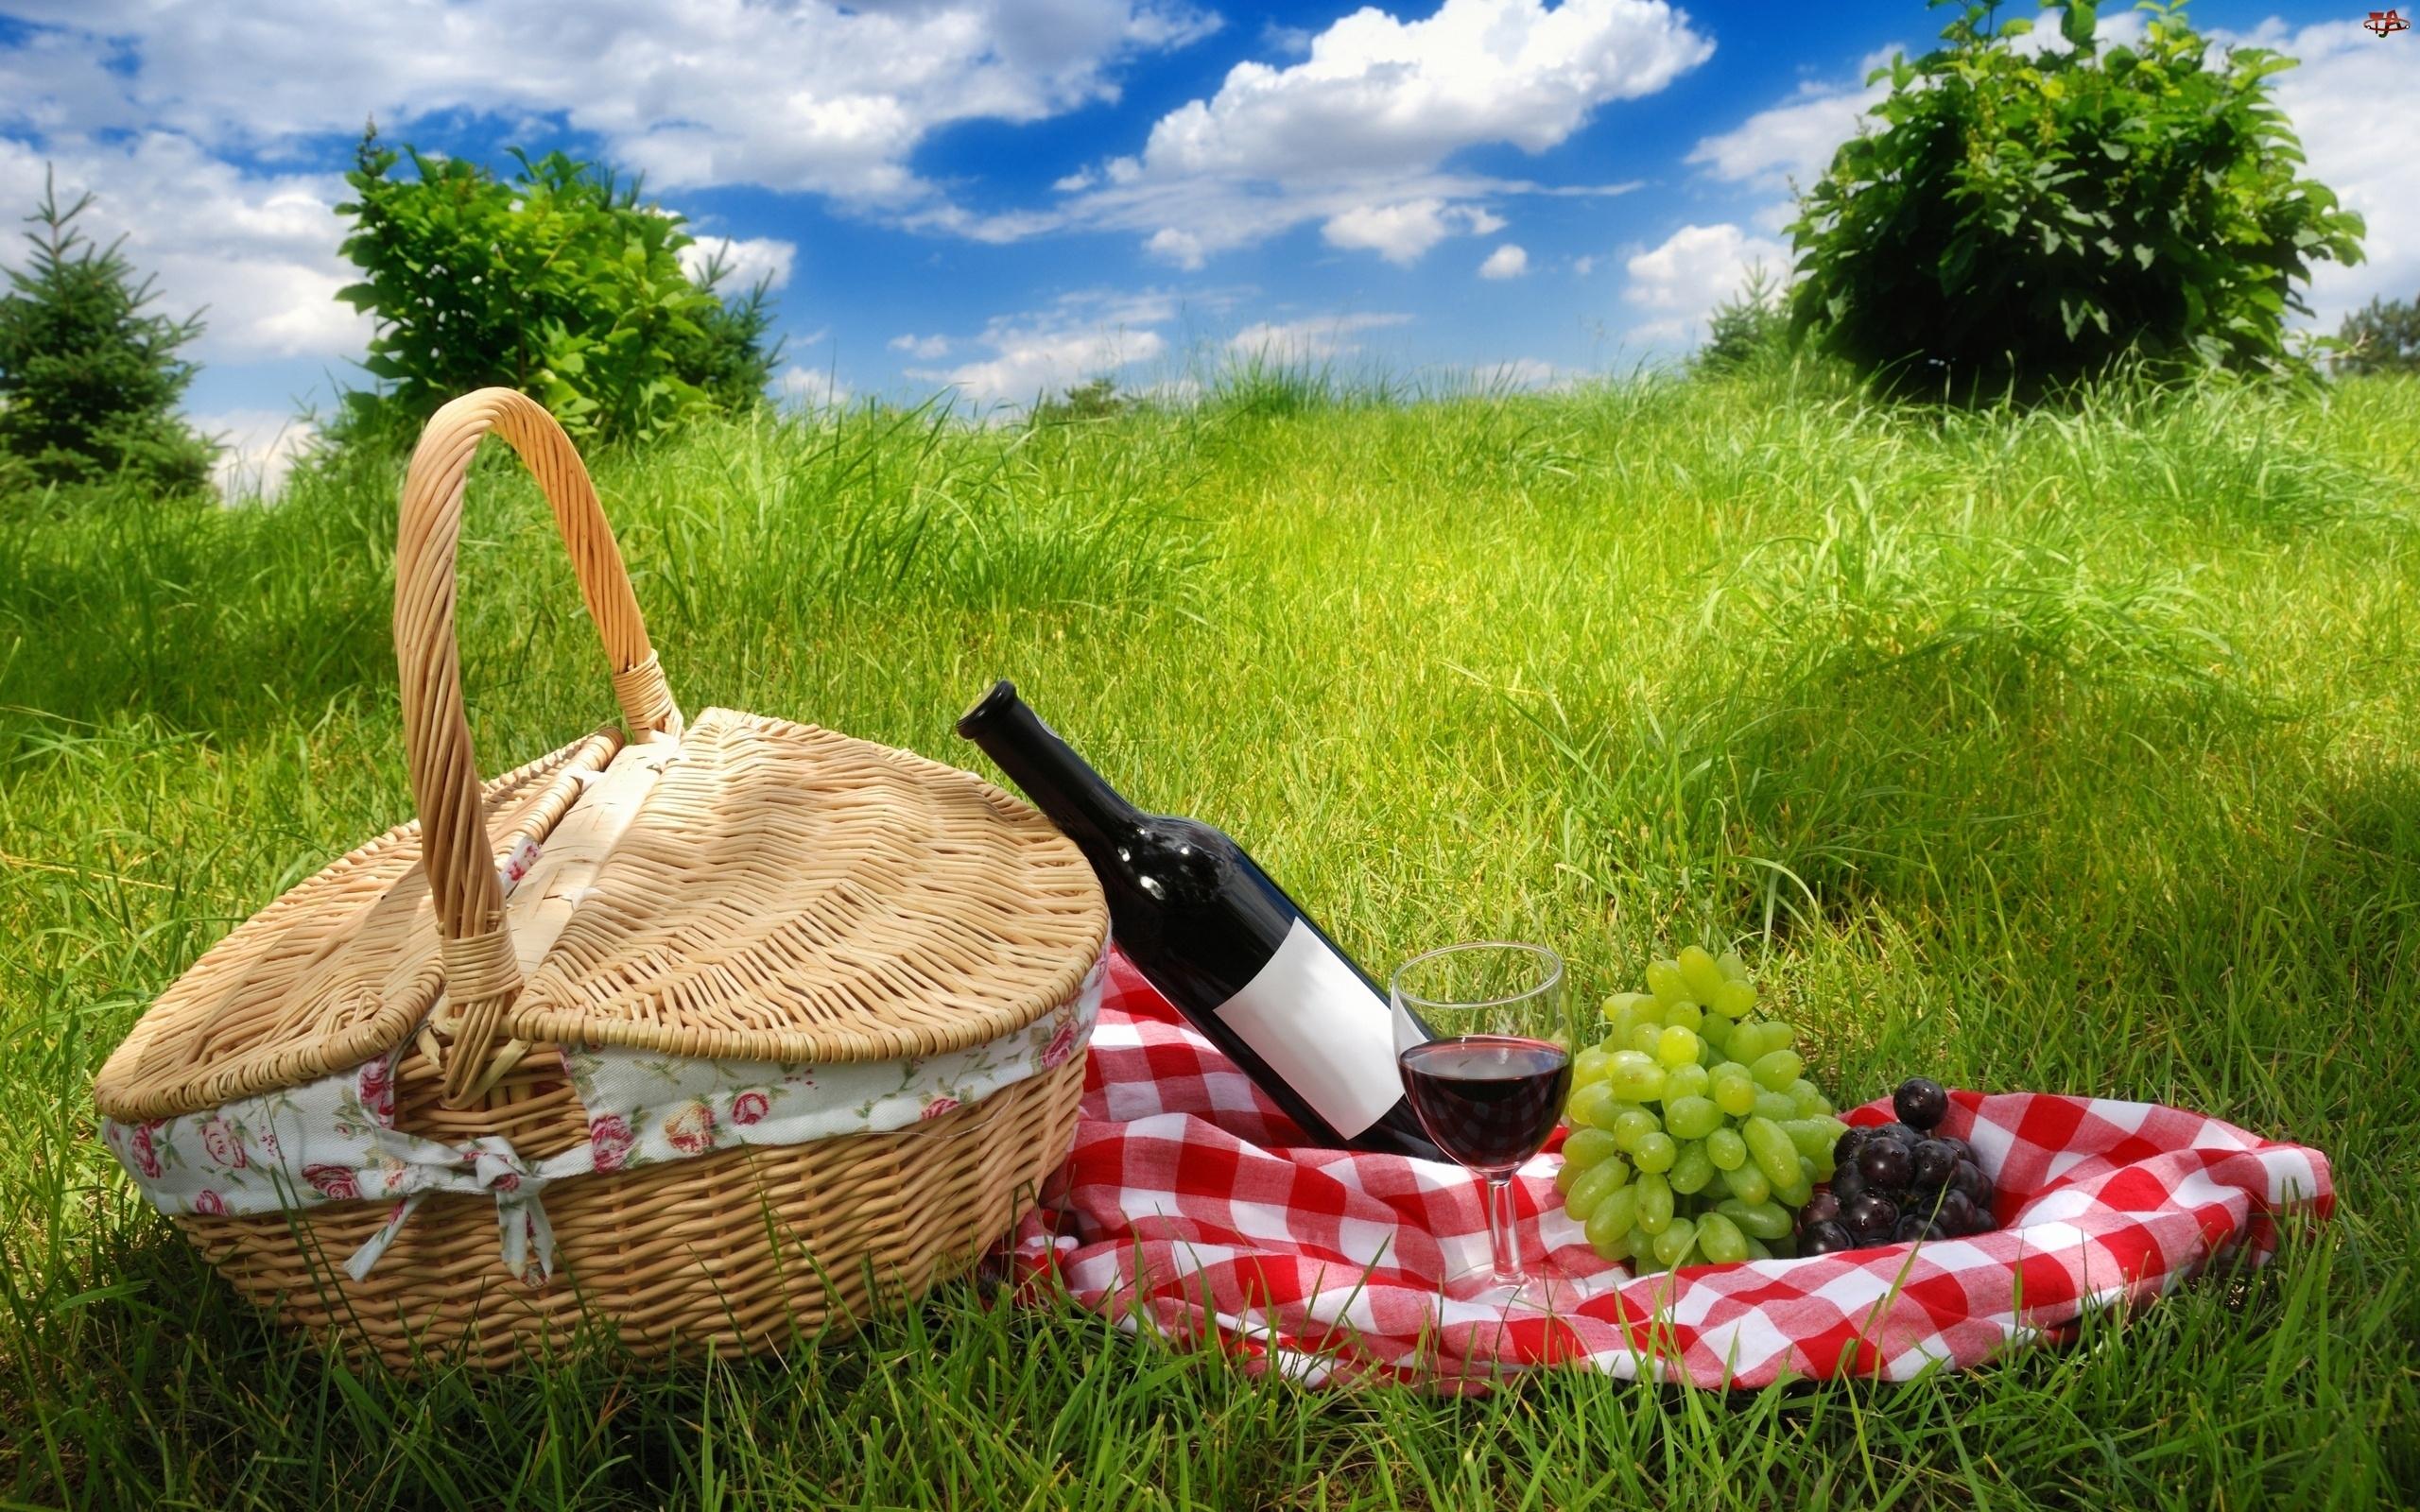 Piknik, Trawa, Wino, Koszyk, Winogrona